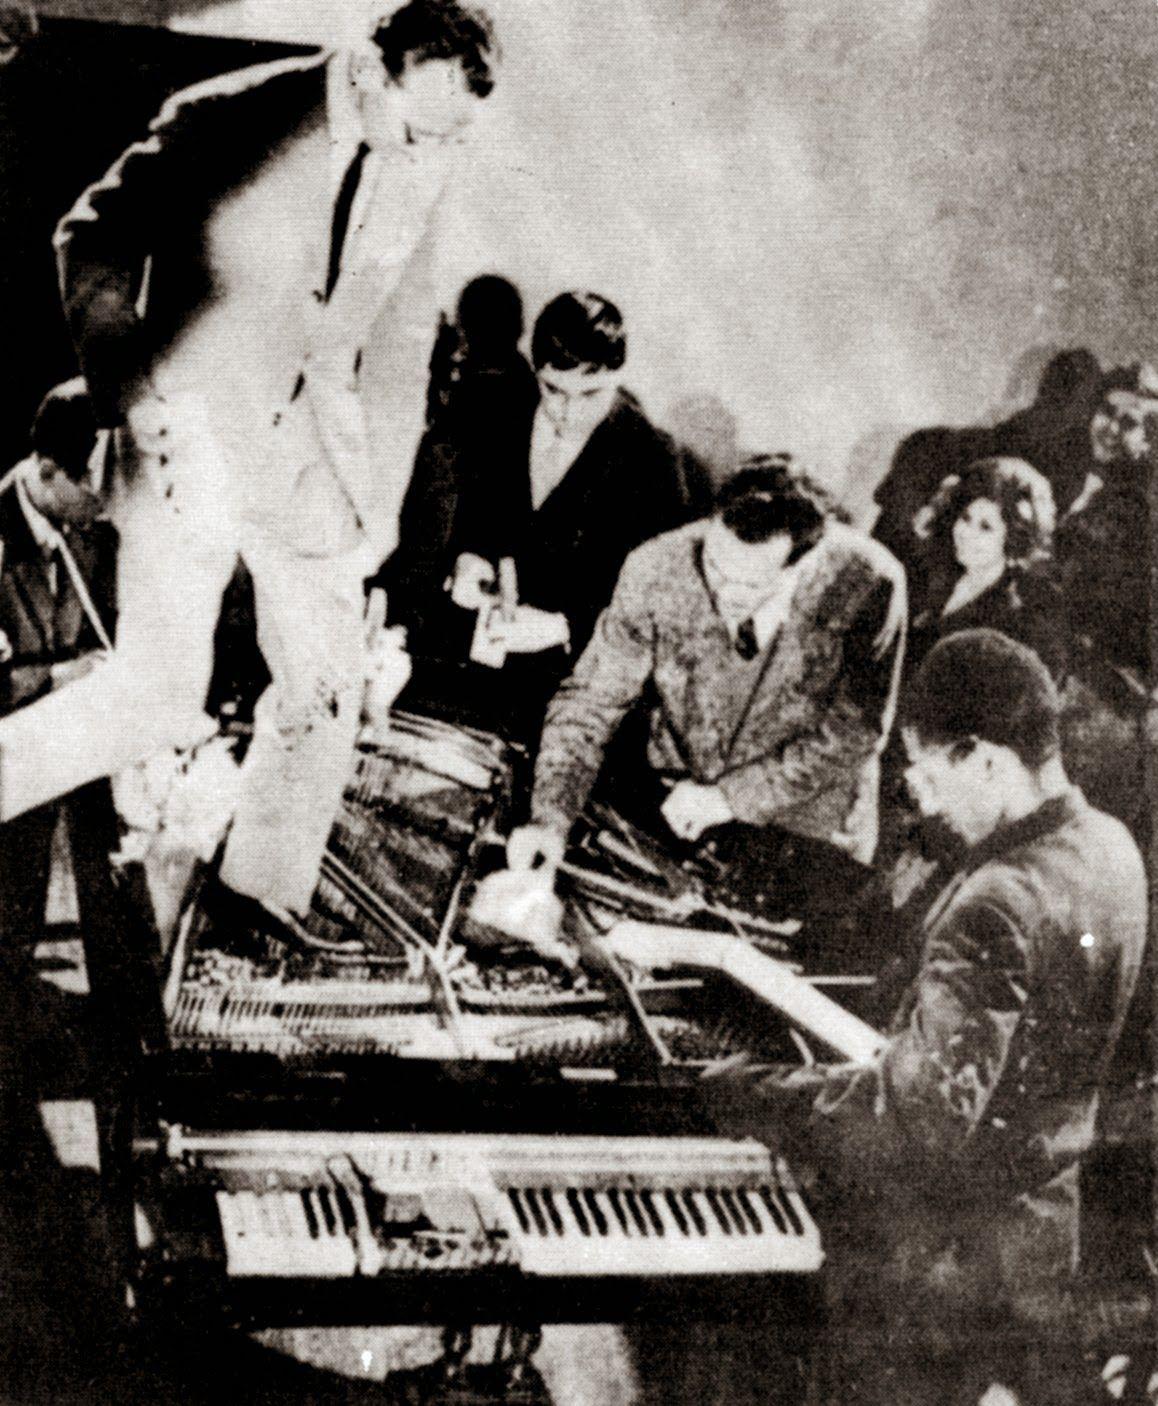 Philip Corner Pianoactiviteit 1962 Performance Internationale Festspiele Neuester Musik Stadtische Museum Wiesbaden Art History Fluxu Msr Paraphrase Corpu Dataset